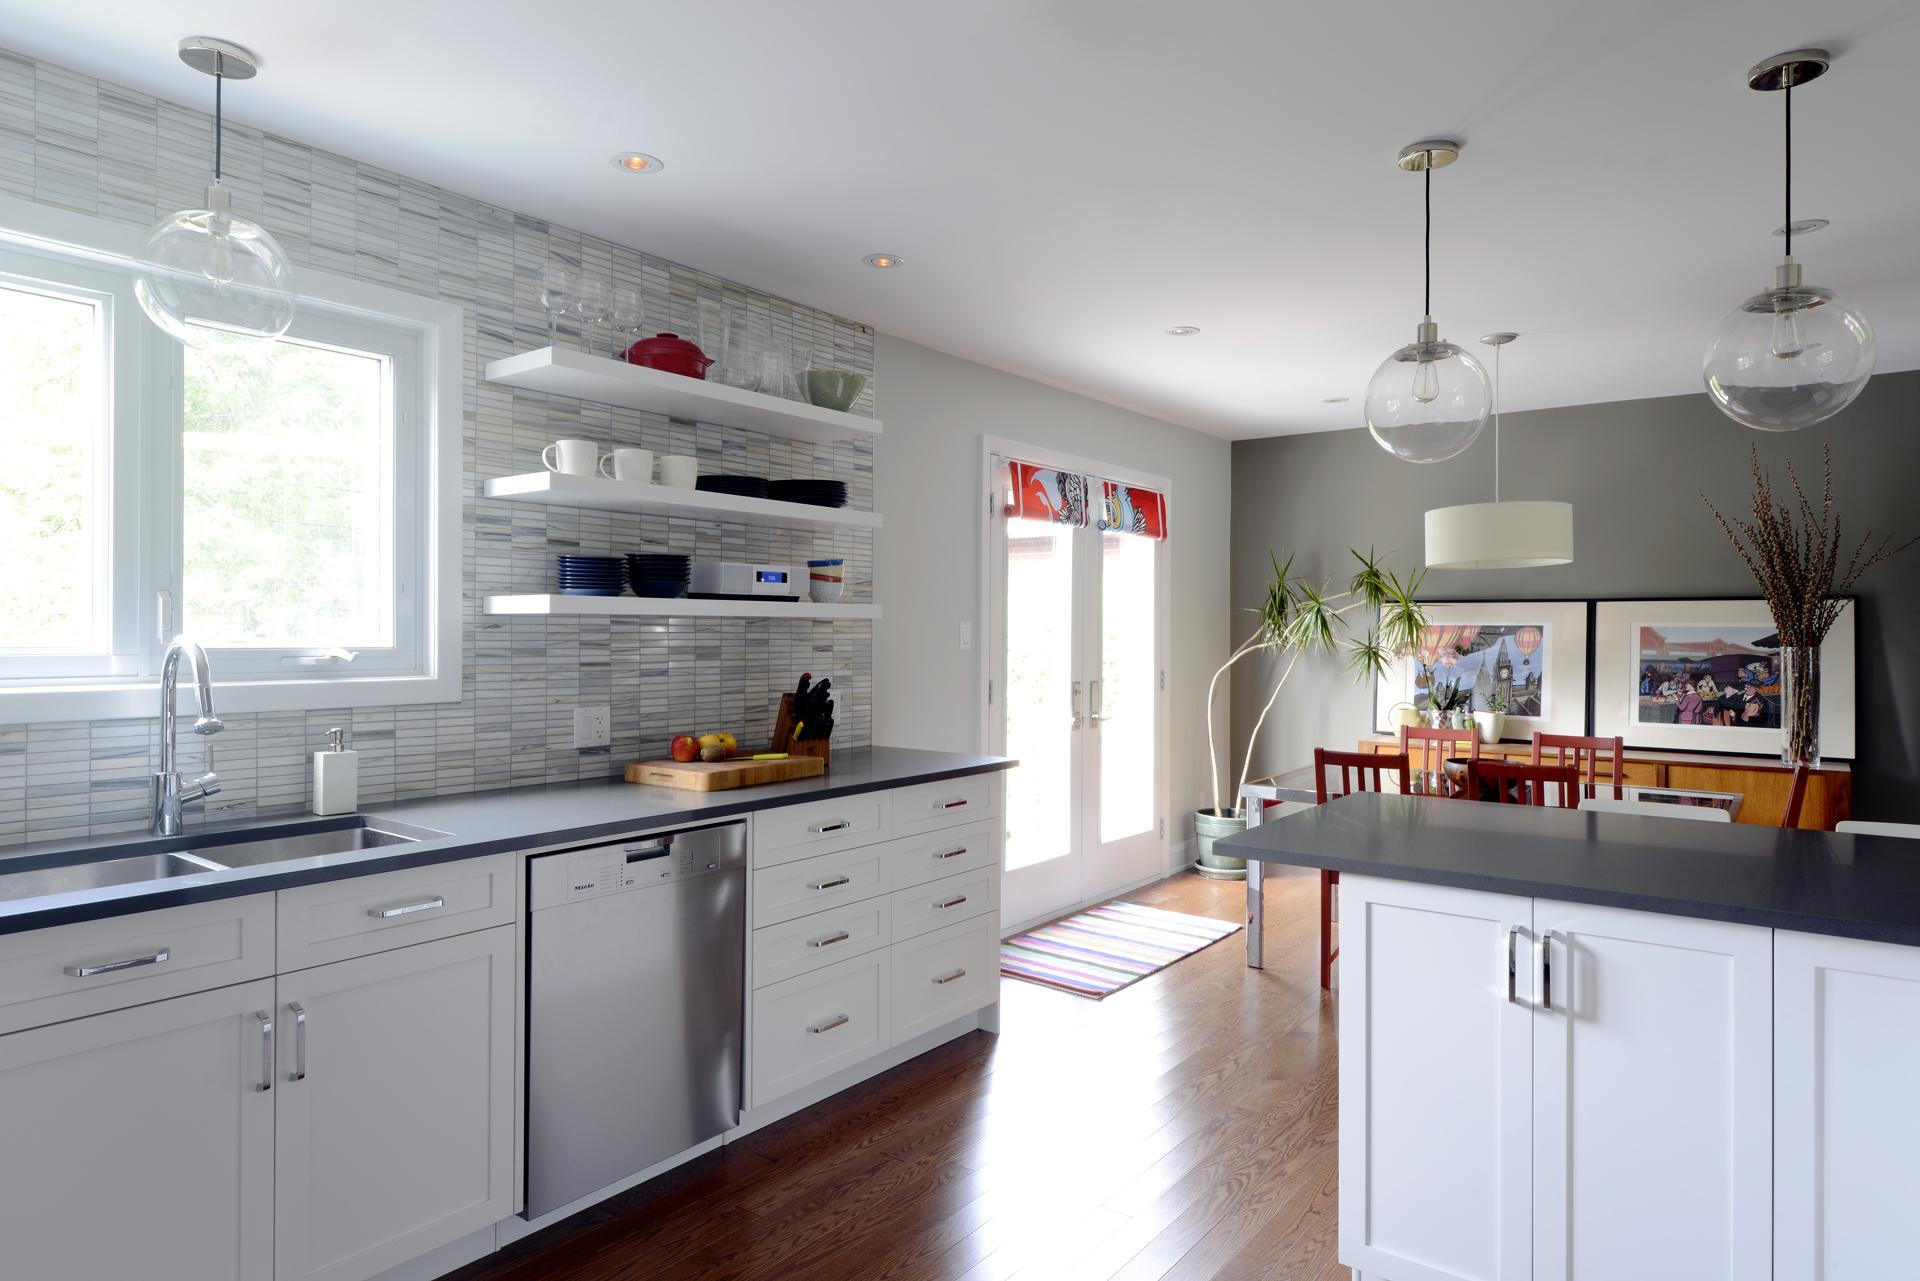 McGhee kitchen 1.jpg